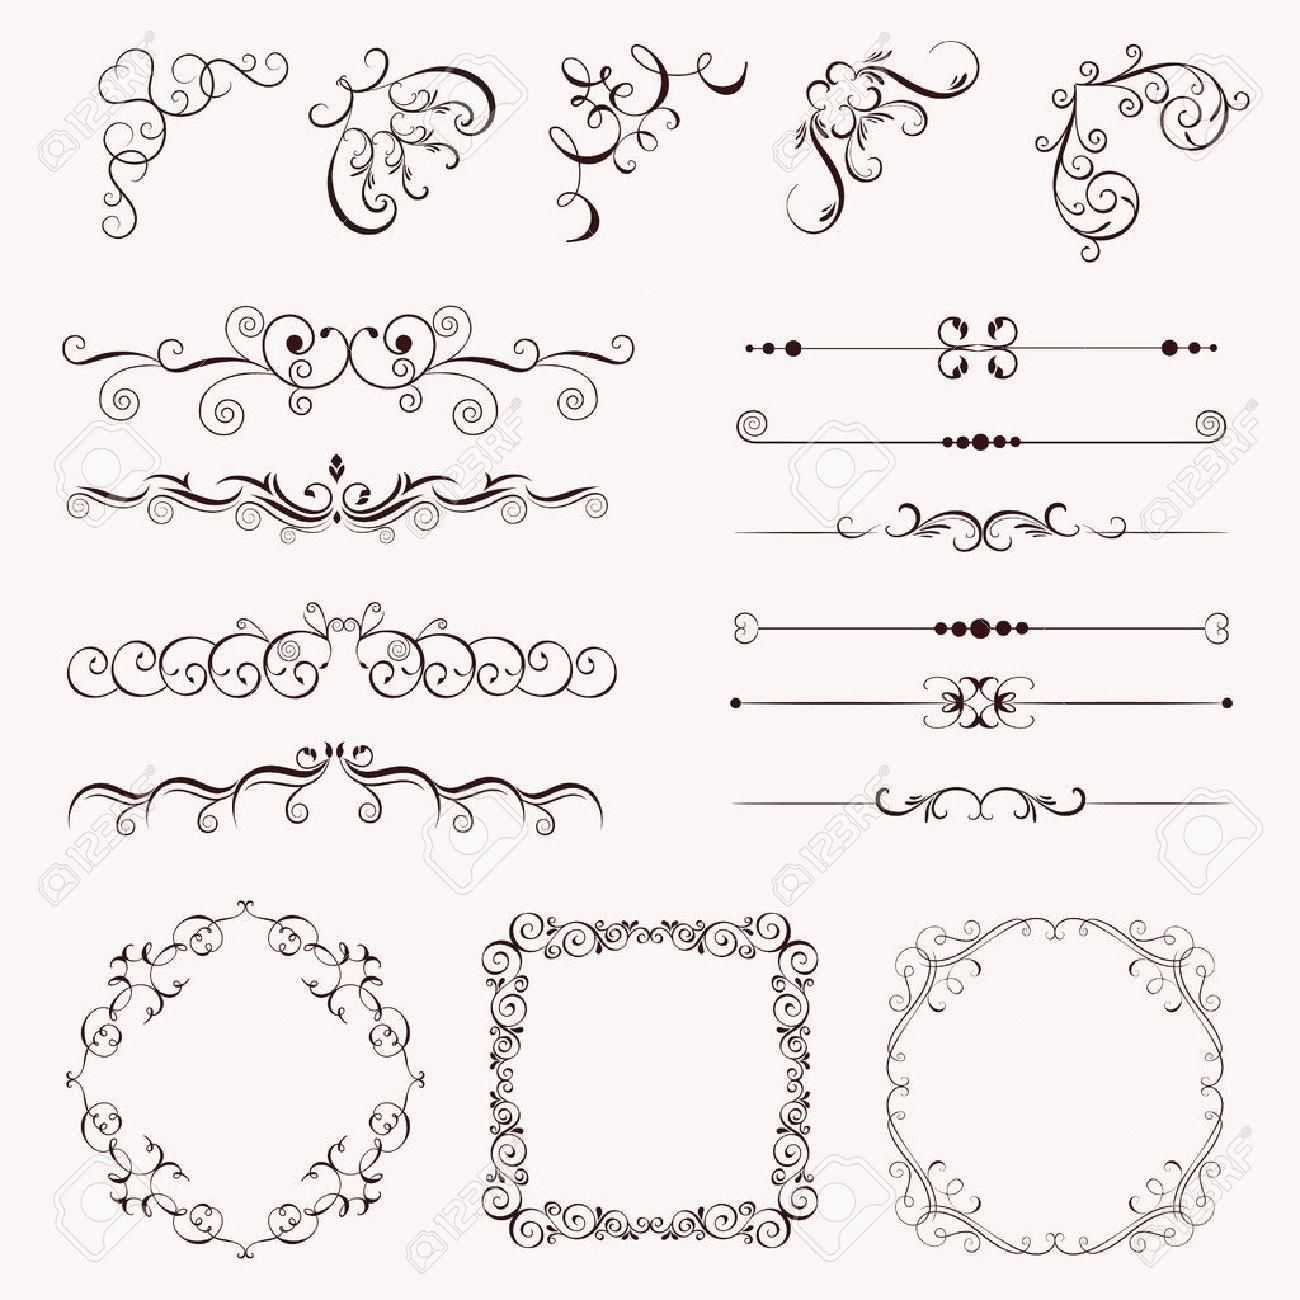 Elementos Vintage Conjunto De Adorno Marcos Bordes Esquina Para El Diseño Puede Utilizar Para Tarjeta De Cumpleaños Invitaciones De Boda